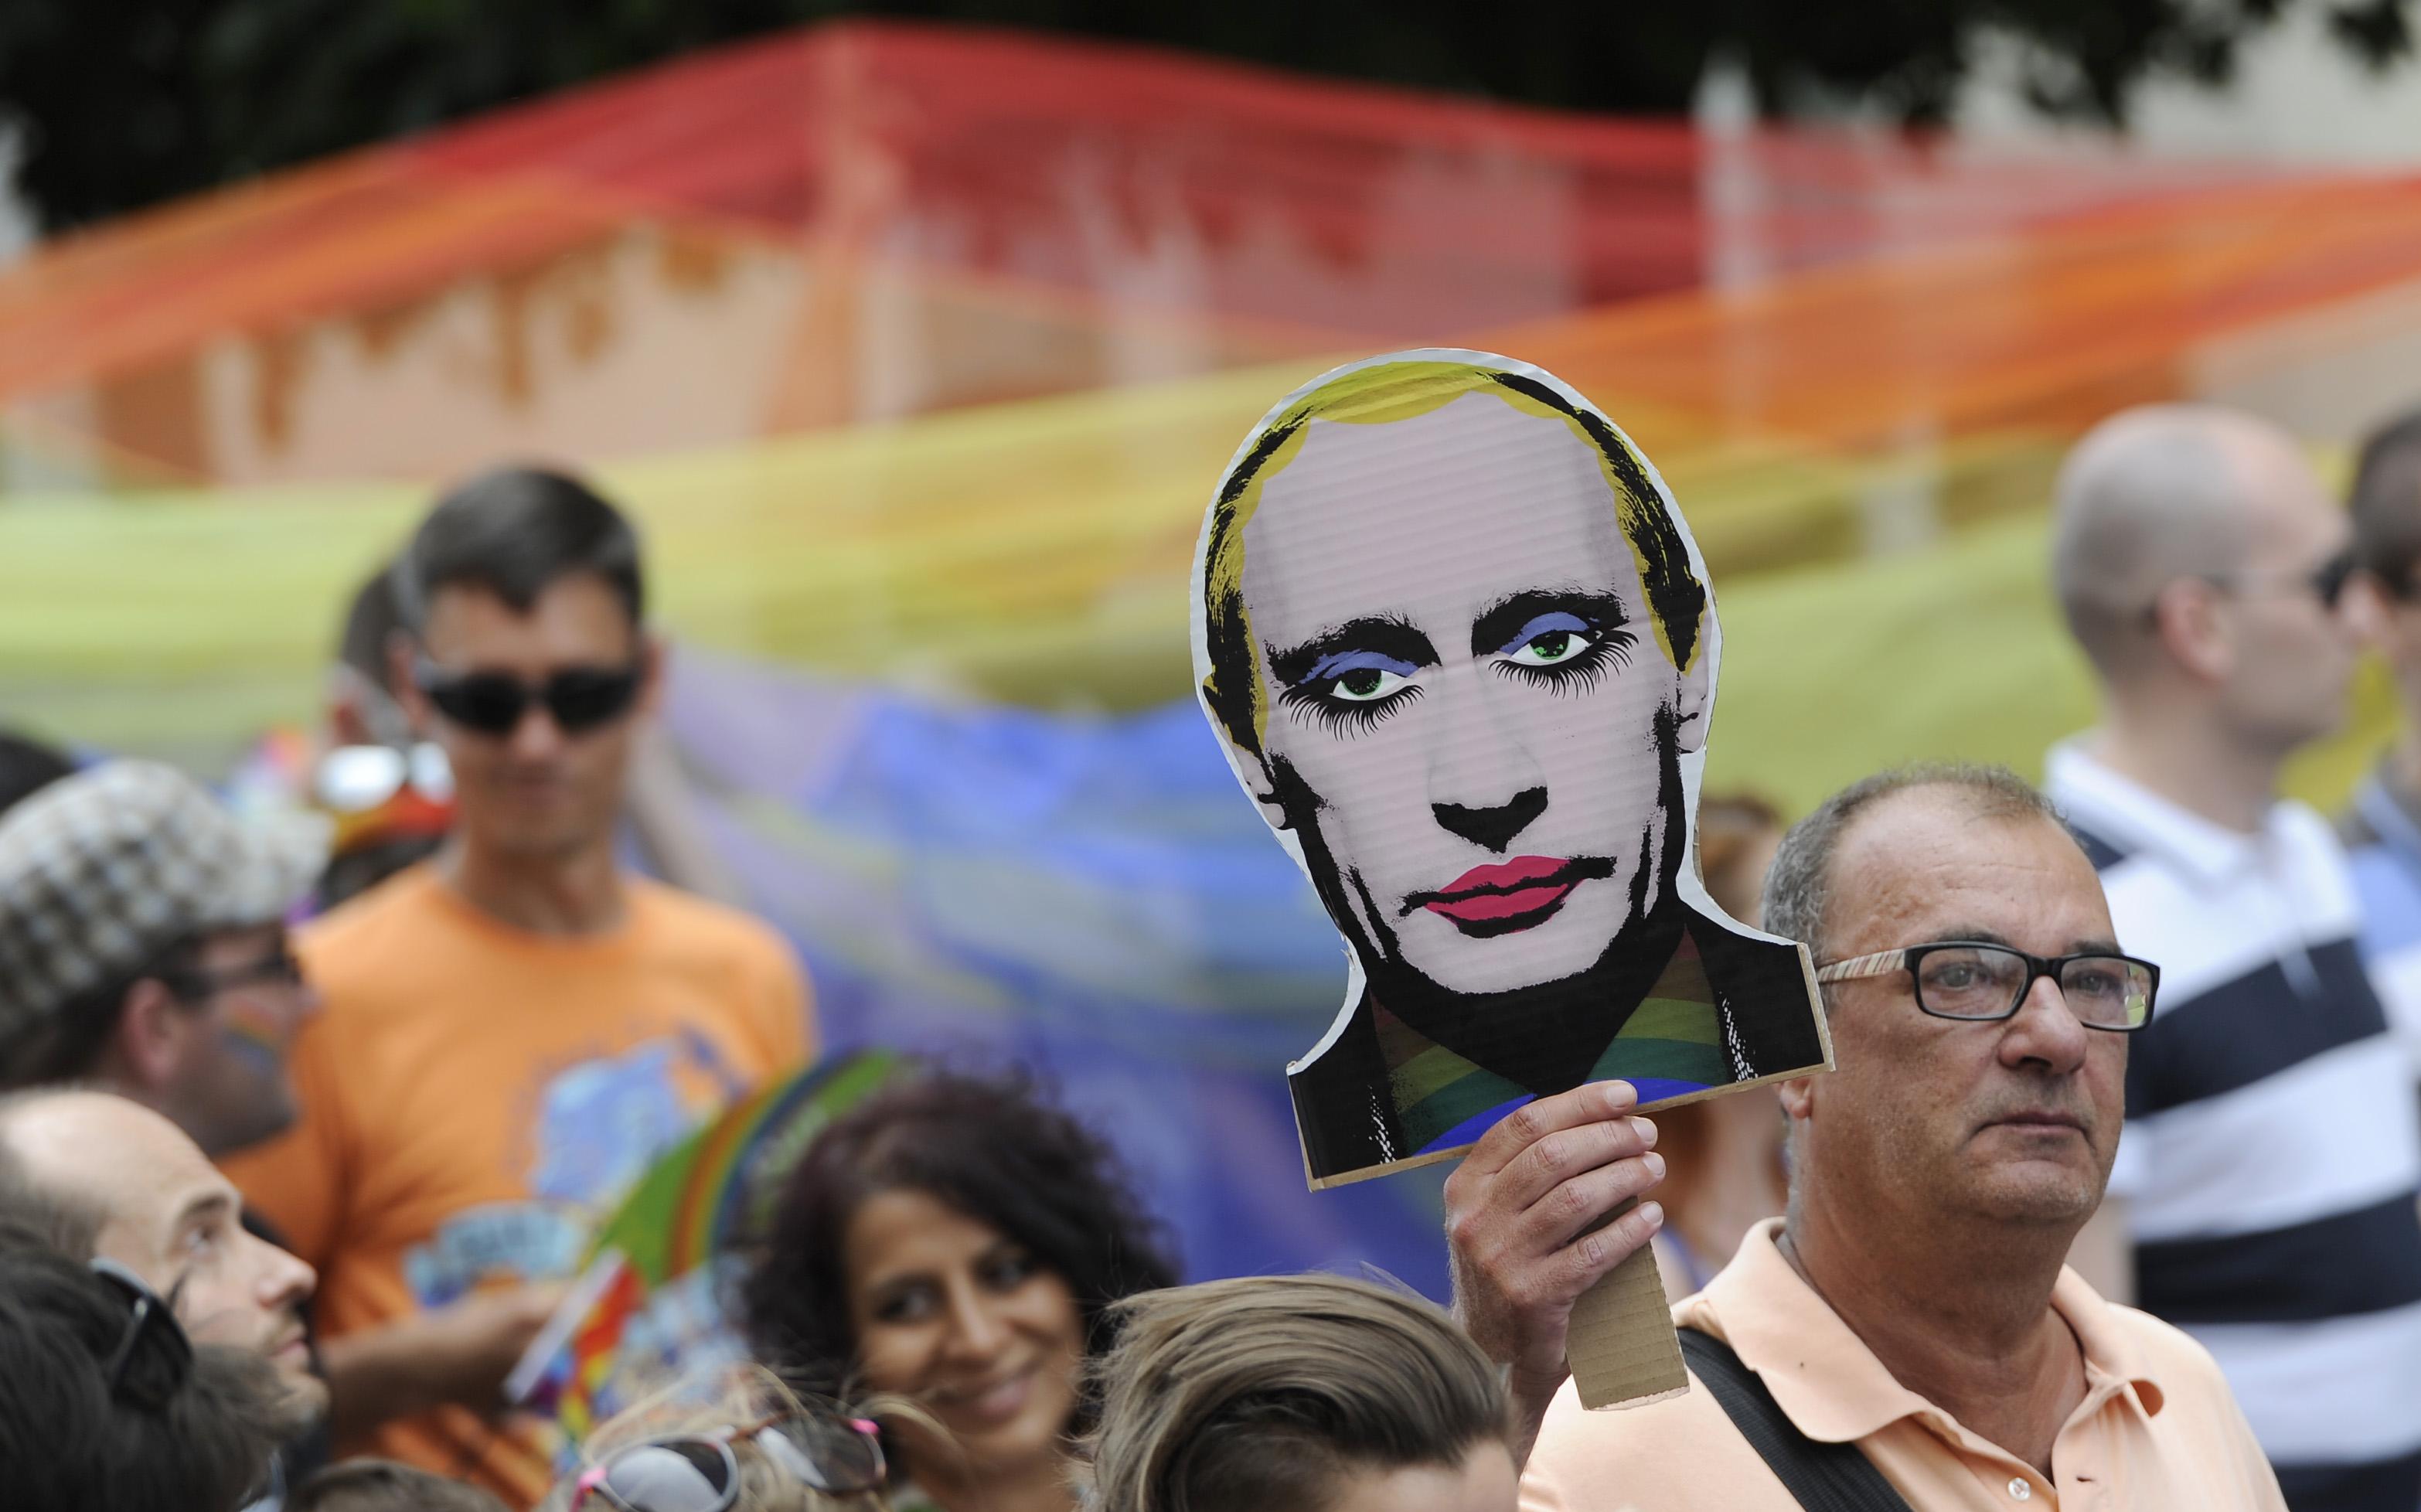 Gulyás Márton: A putyini mintára készült homofób törvény végszavazását bojkottálni kell